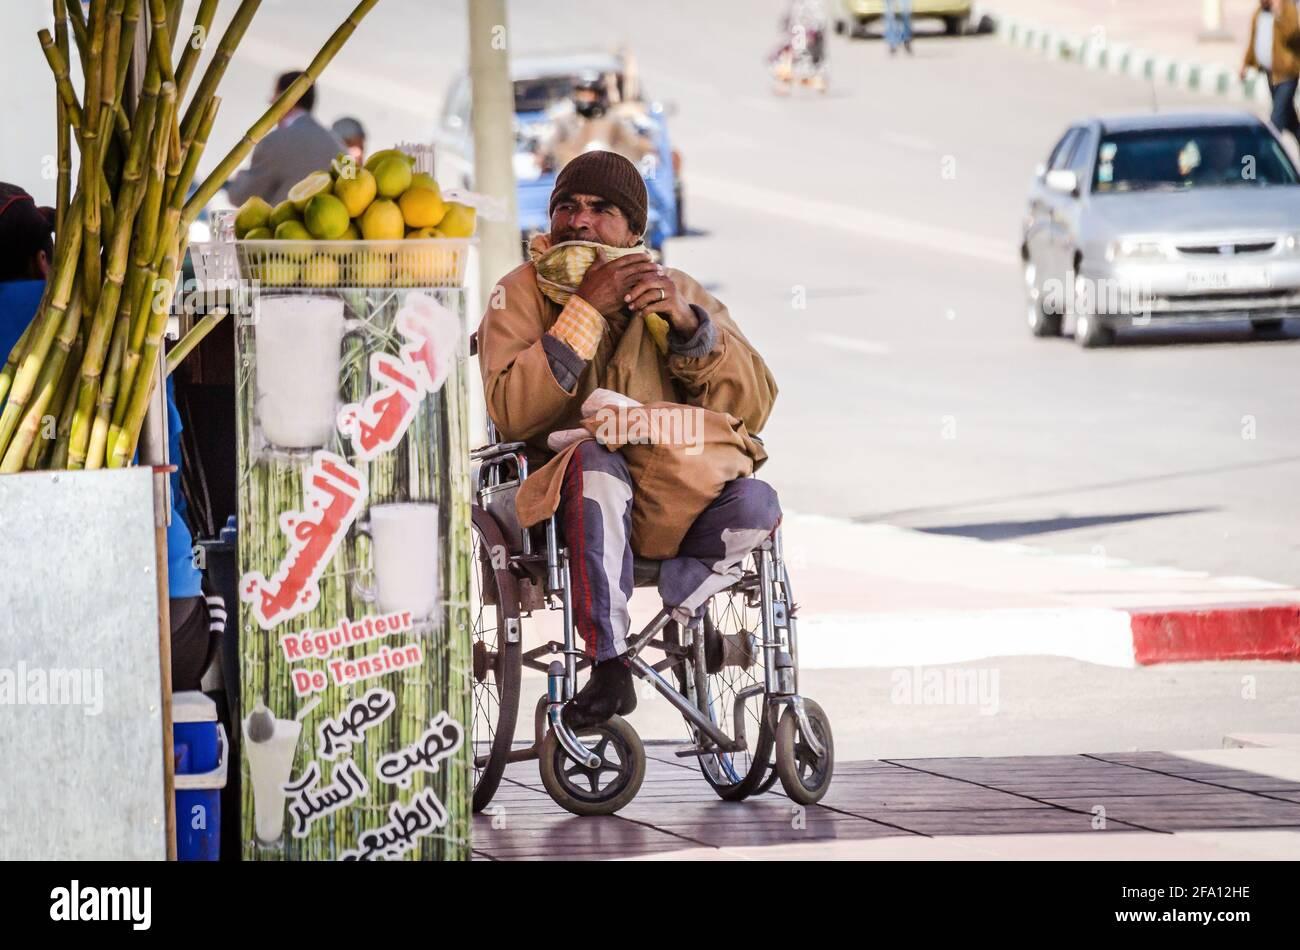 Errachidia, Marruecos - 11 de abril de 2015. Hombre discapacitado sin piernas en silla de ruedas Foto de stock